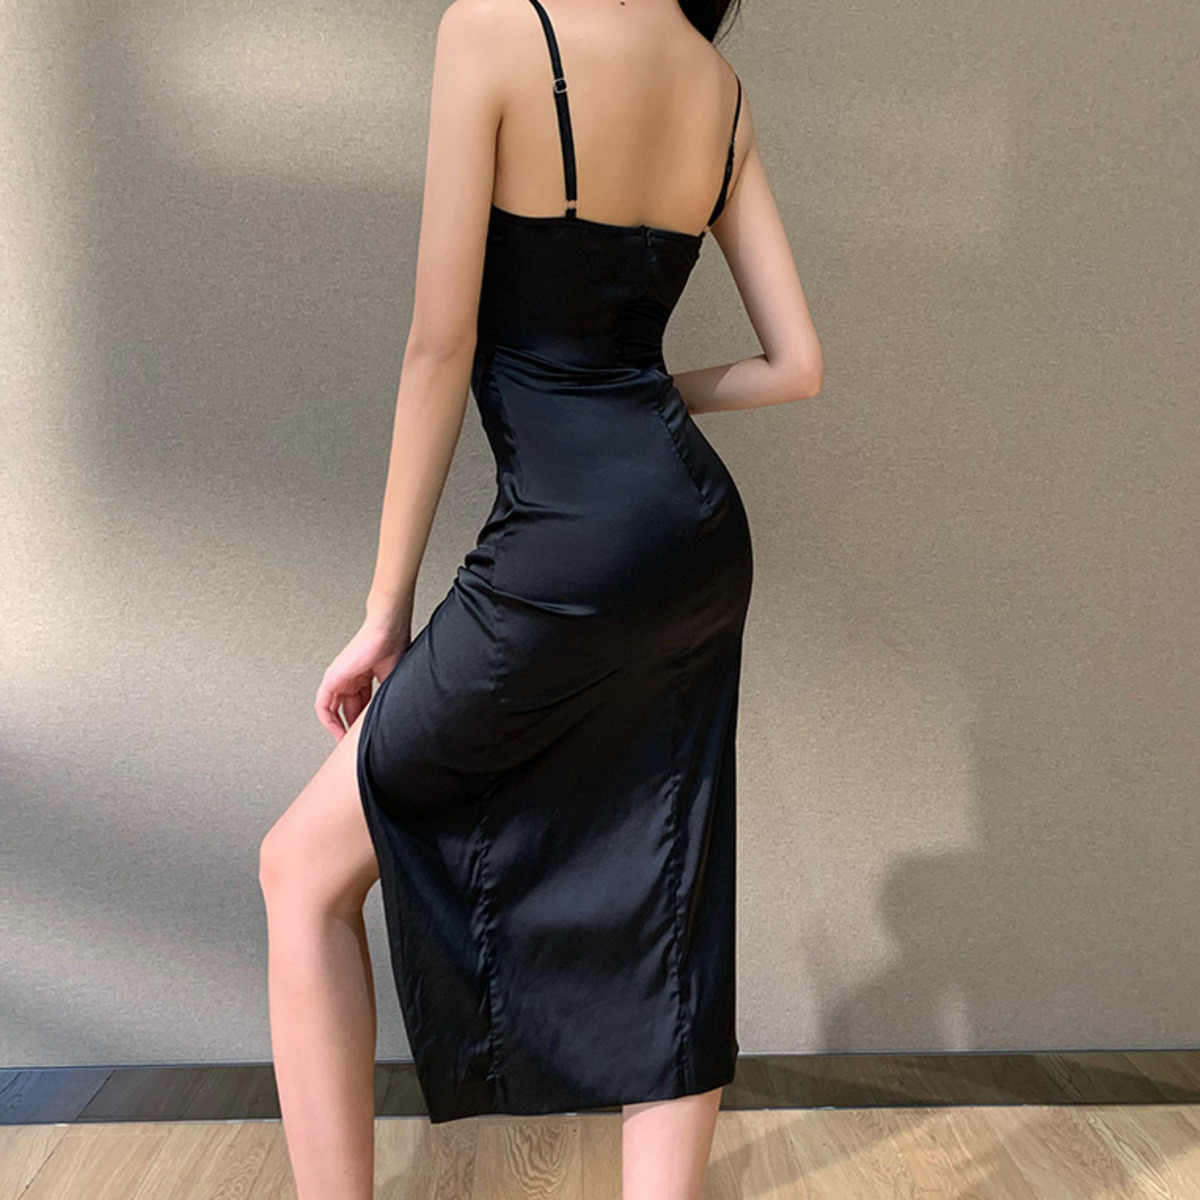 Женское винтажное атласное вечернее платье на тонких бретелях без рукавов, сексуальное черное шелковое вечернее платье с разрезом по бокам, халат Longue Femme